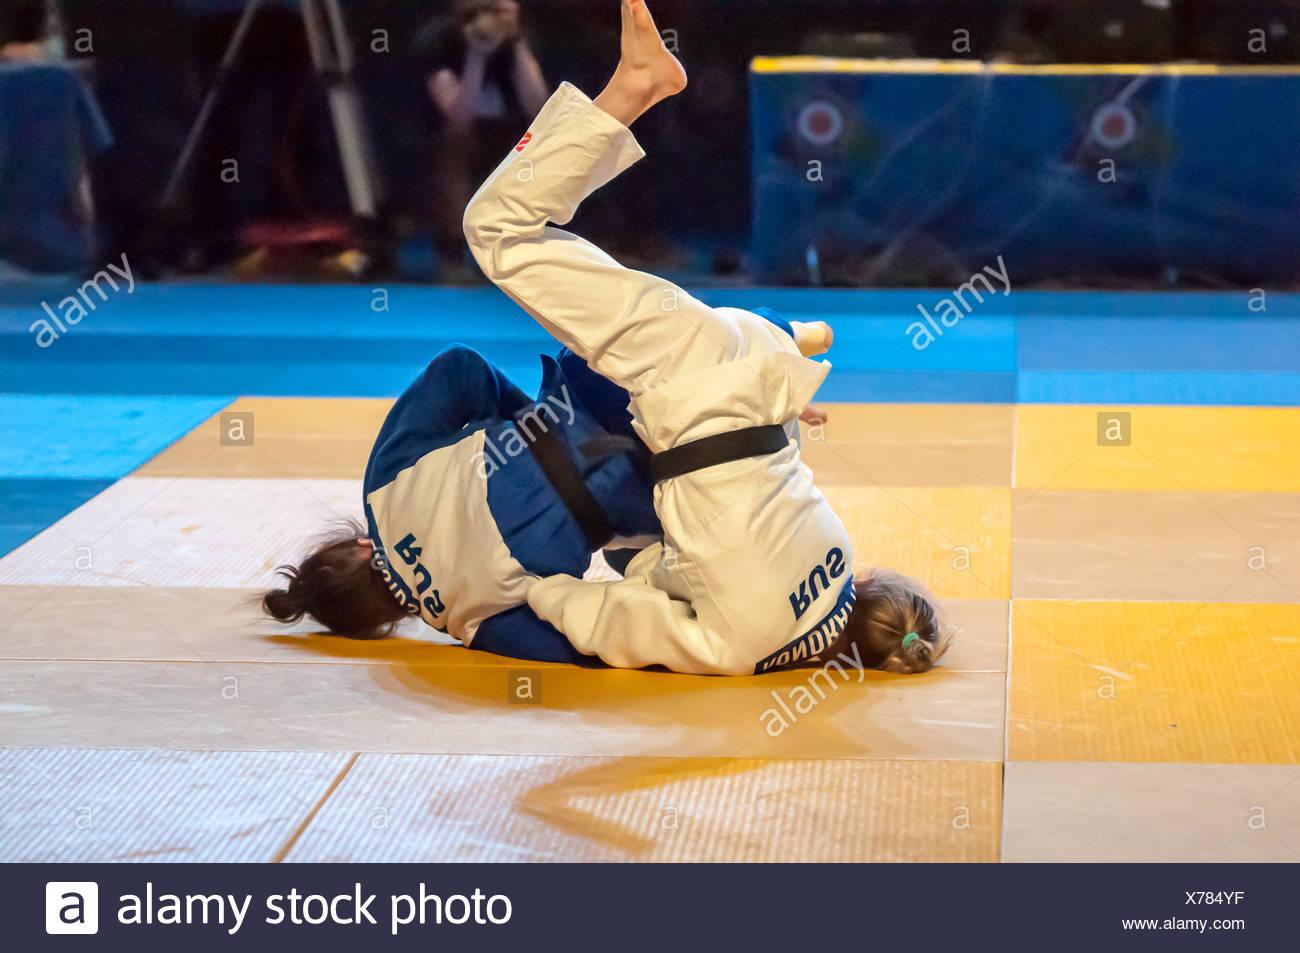 Ragazze competere nel Judo Immagini Stock